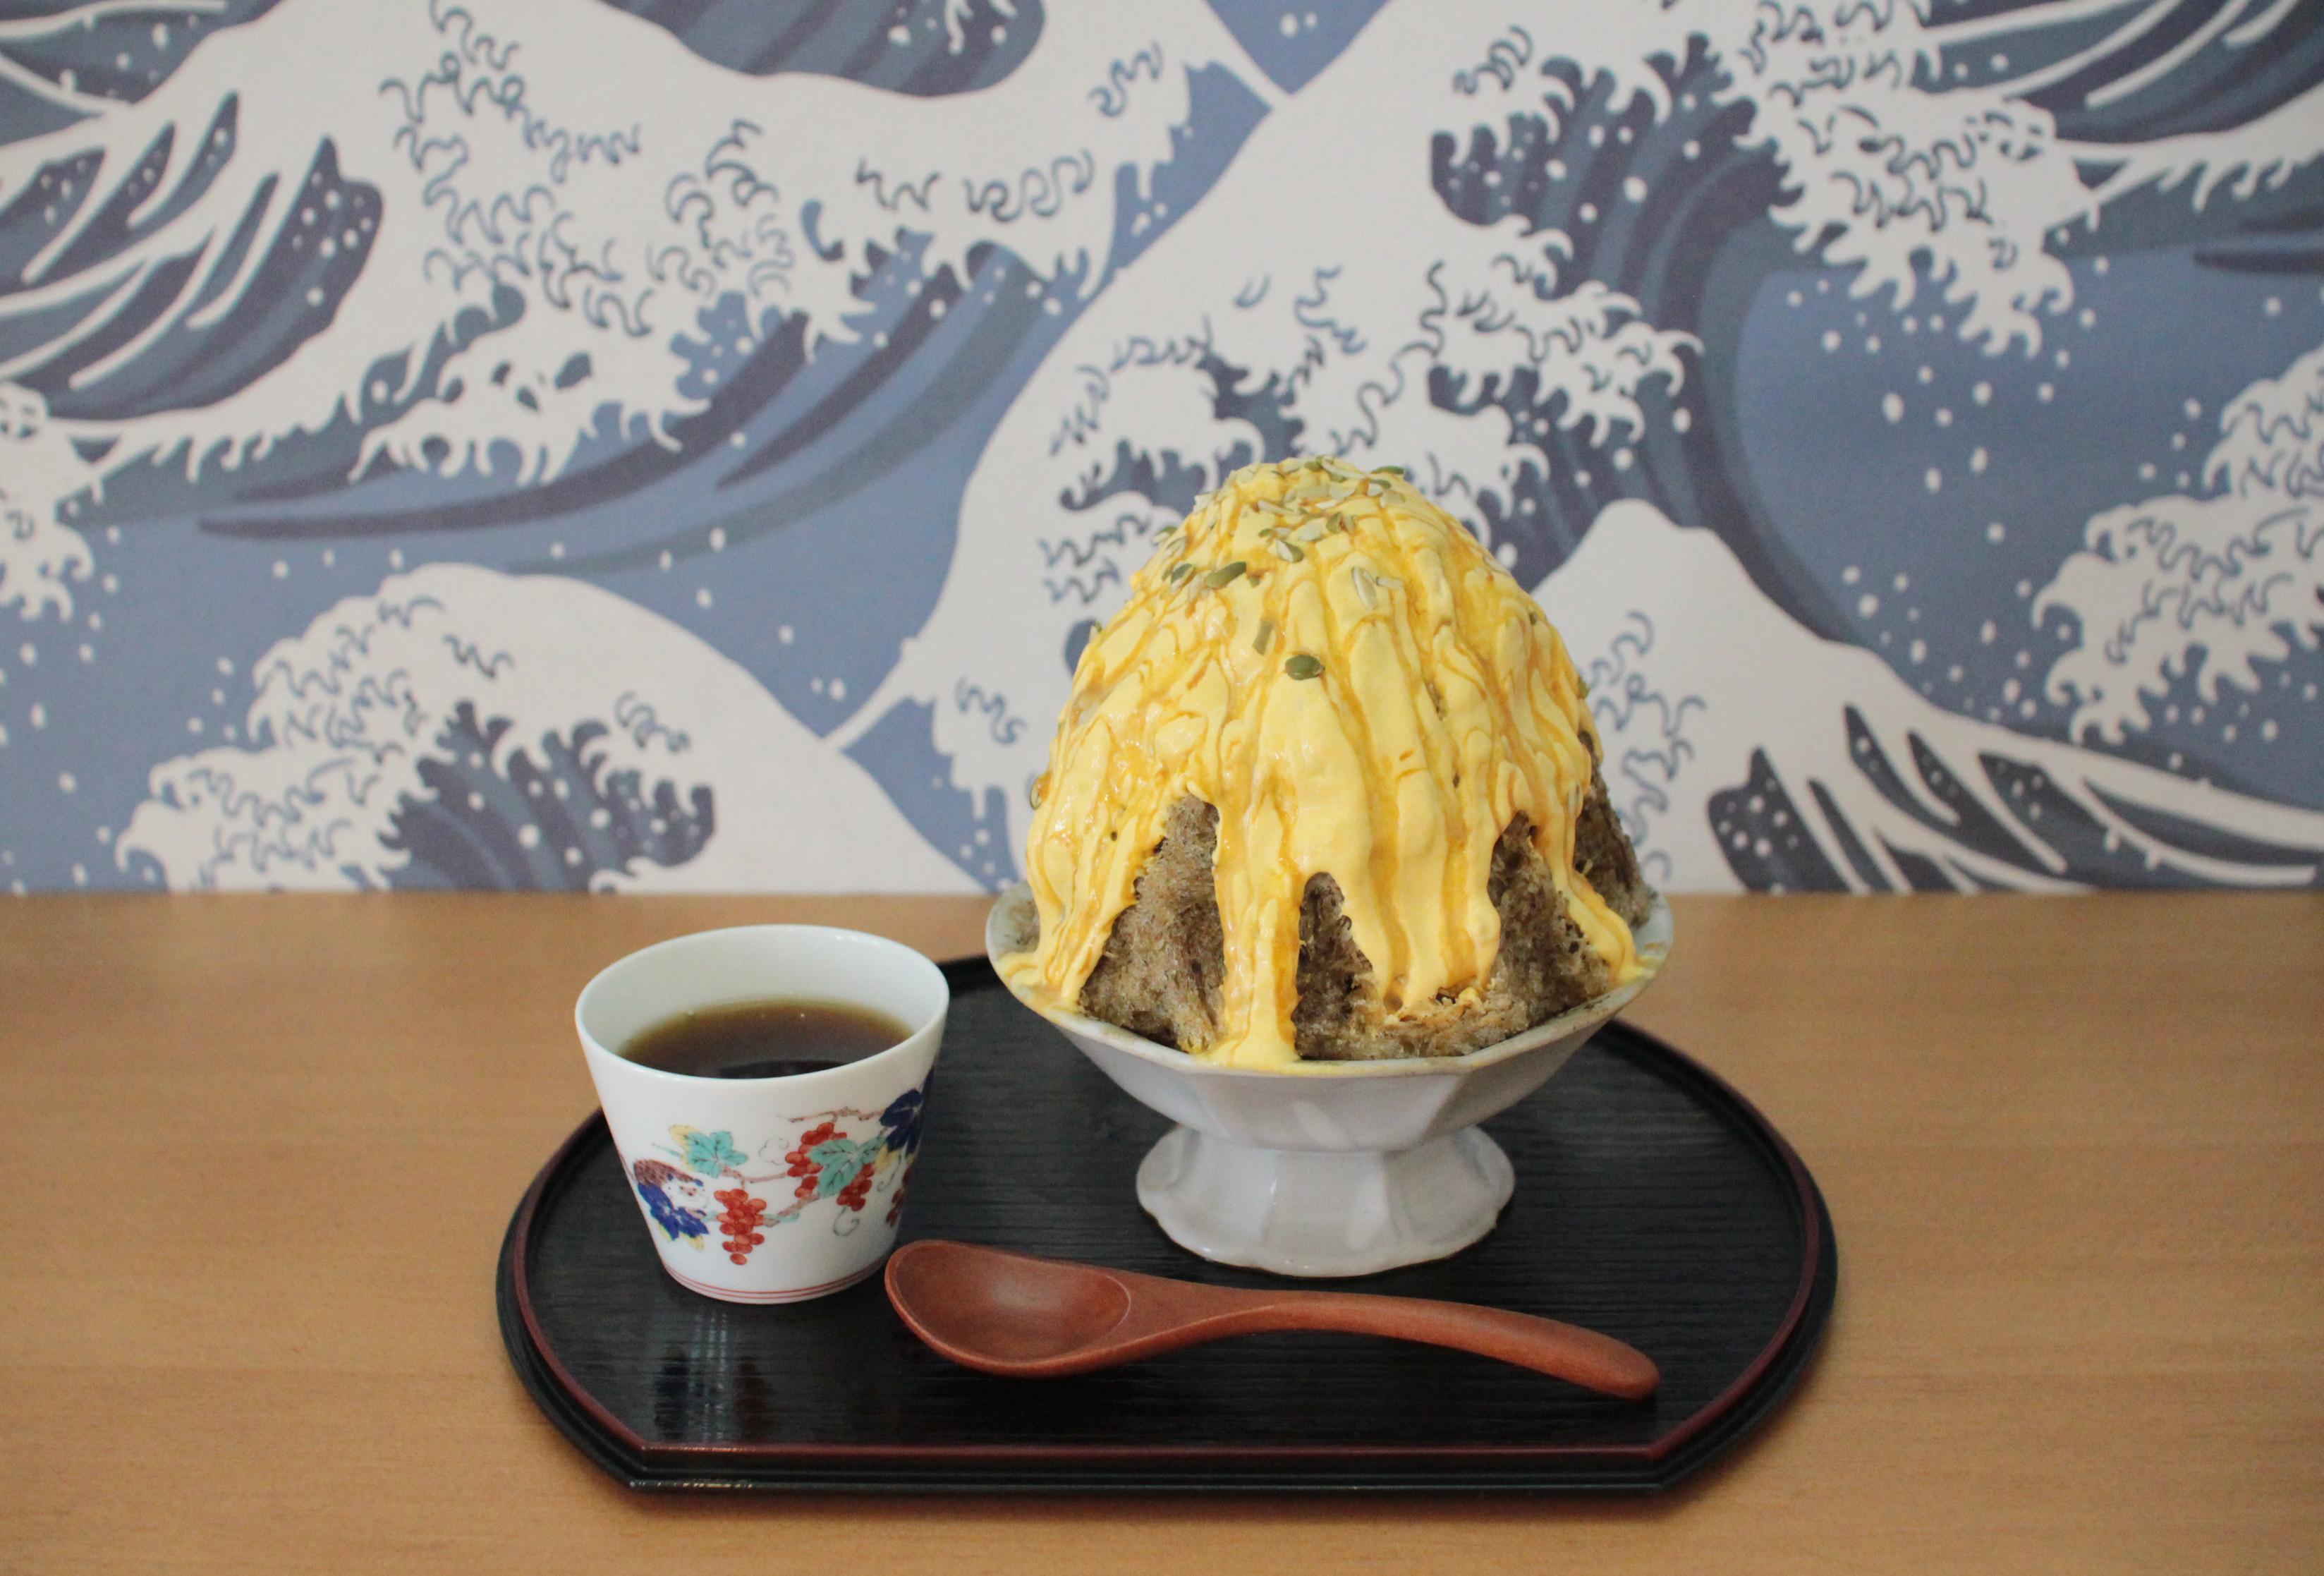 栗かぼちゃクリームとほうじ茶のかき氷(日本茶セット)